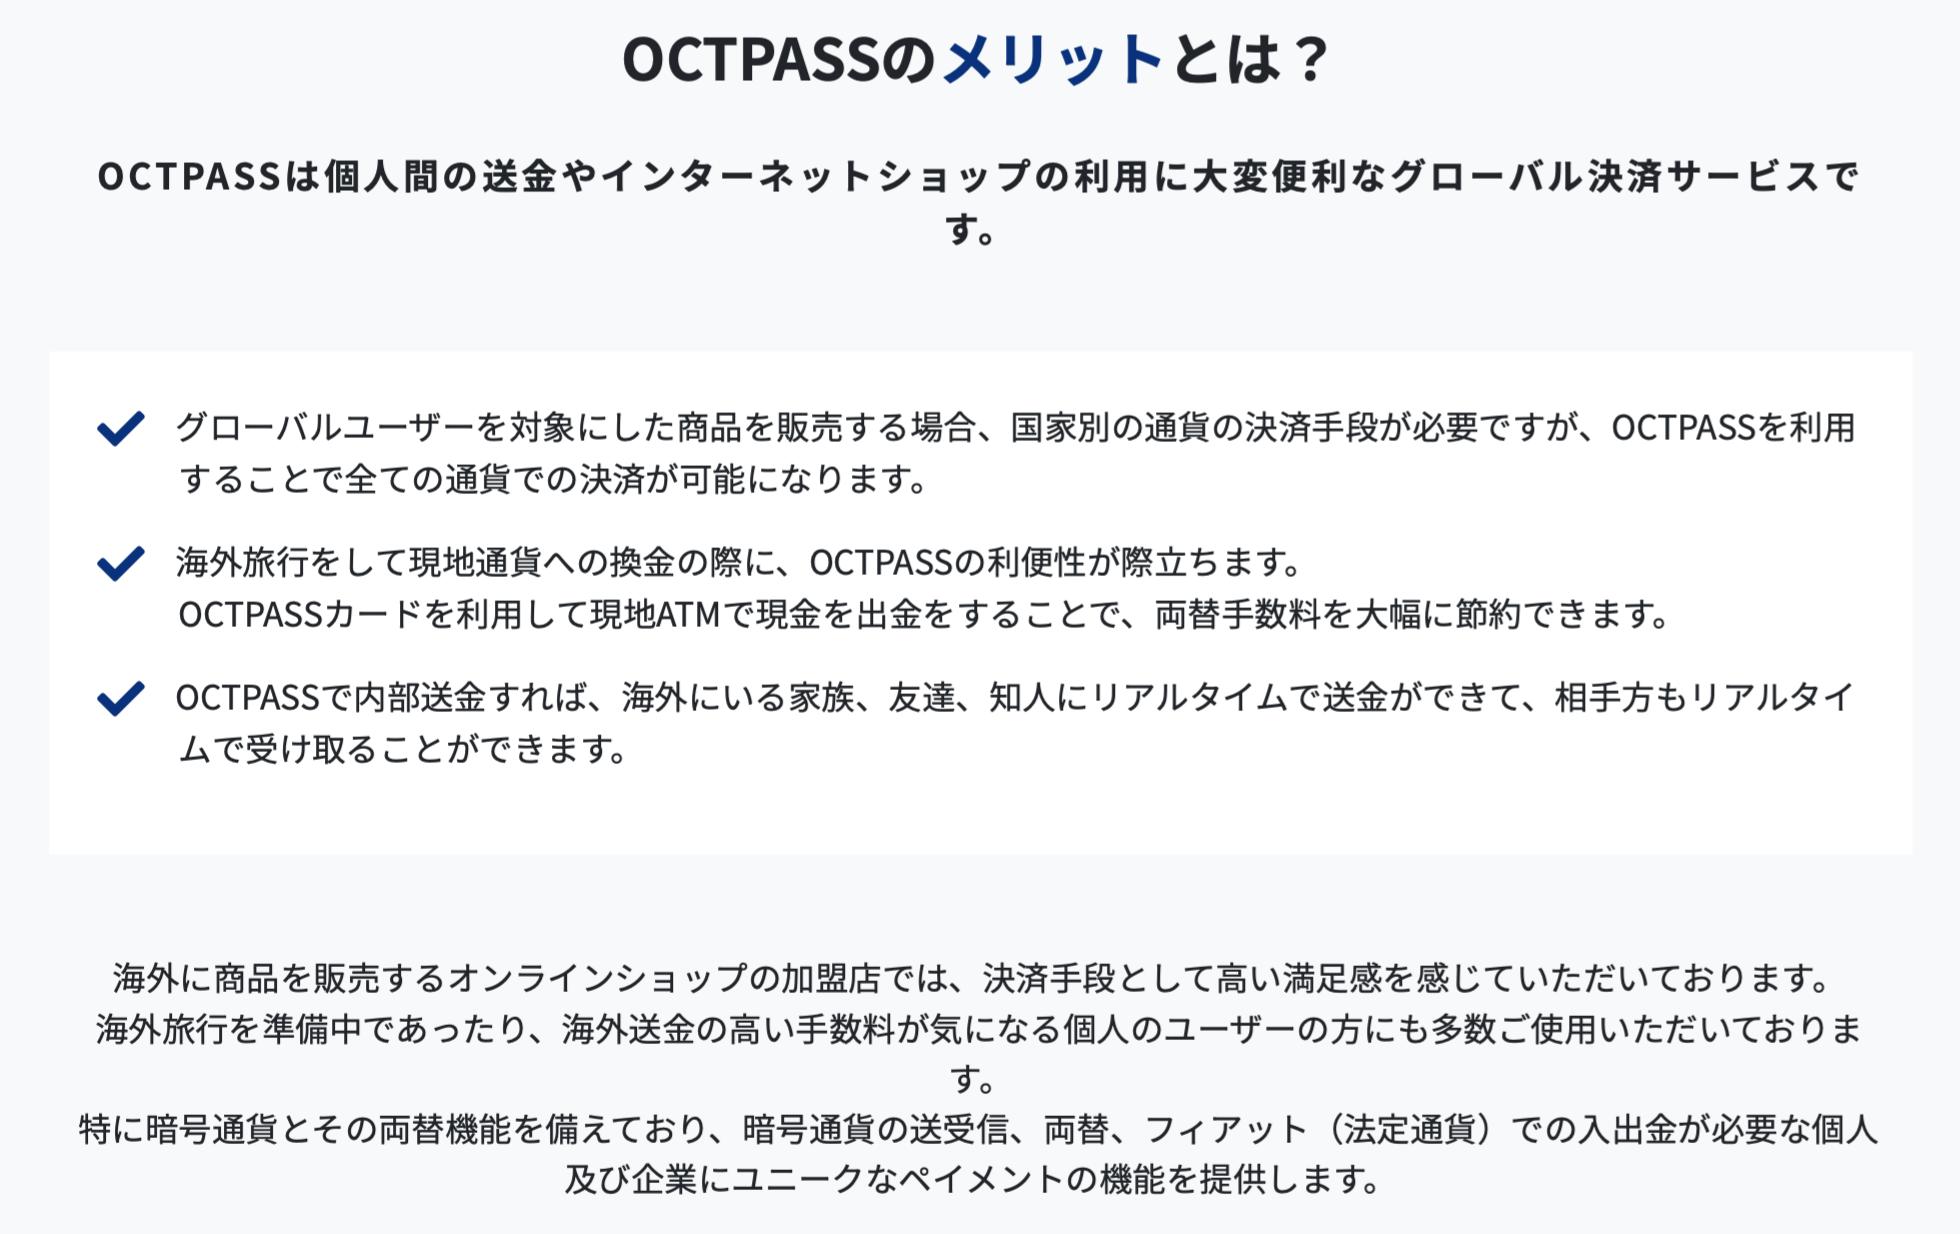 OCTPASS(オクトパス)は個人間の送金やインターネットショップの利用に大変便利なグローバル決済サービスです。 グローバルユーザーを対象にした商品を販売する場合、国家別の通貨の決済手段が必要ですが、OCT PASS(オクトパス)を利用することで全ての通貨での決済が可能になります。 海外旅行をして現地通貨への換金の際に、OCT PASS(オクトパス)の利便性が際立ちます。OCTPASS(オクトパス)カードを利用して現地ATMで現金を出金をすることで、両替手数料を大幅に節約できます。 OCTPASS(オクトパス)で内部送金すれば、海外にいる家族、友達、知人にリアルタイムで送金ができて、相手方もリアルタイムで受け取ることができます。 海外に商品を販売するオンラインショップの加盟店では、決済手段として高い満足感を感じていただいております。海外旅行を準備中であったり、海外送金の高い手数料が気になる個人のユーザーの方にも多数ご使用いただいております。特に仮想通貨(暗号資産)とその両替機能を備えており、仮想通貨(暗号資産)の送受信、両替、フィアット(法定通貨)での入出金が必要な個人及び企業にユニークなペイメントの機能を提供します。